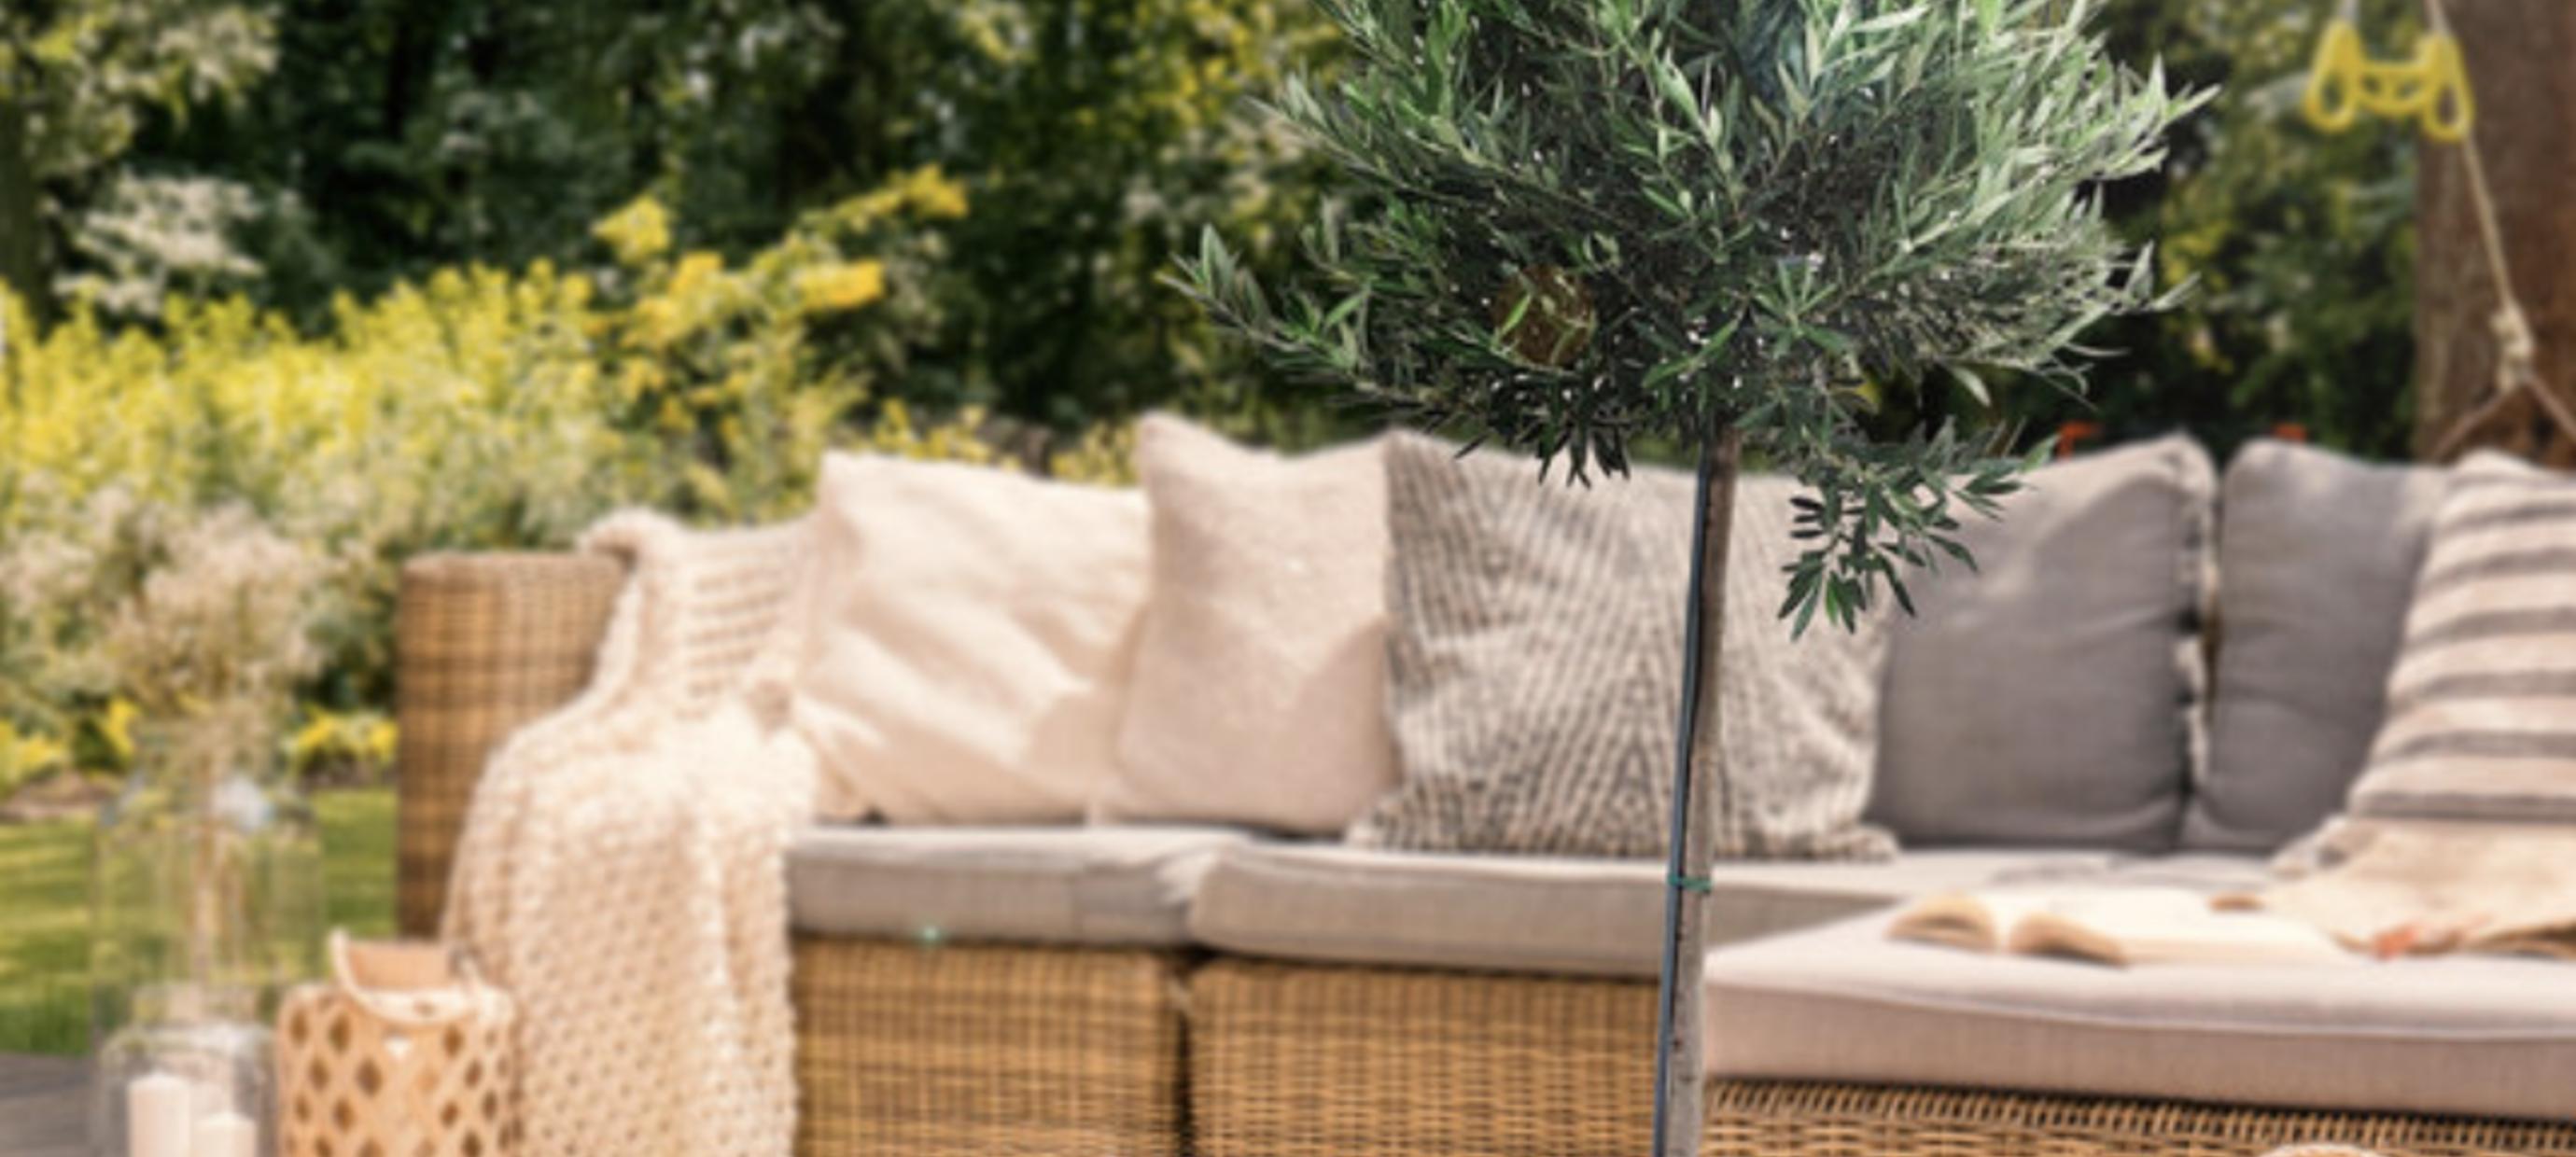 3 tips om jouw buitenplanten groen te houden - Green Bubble